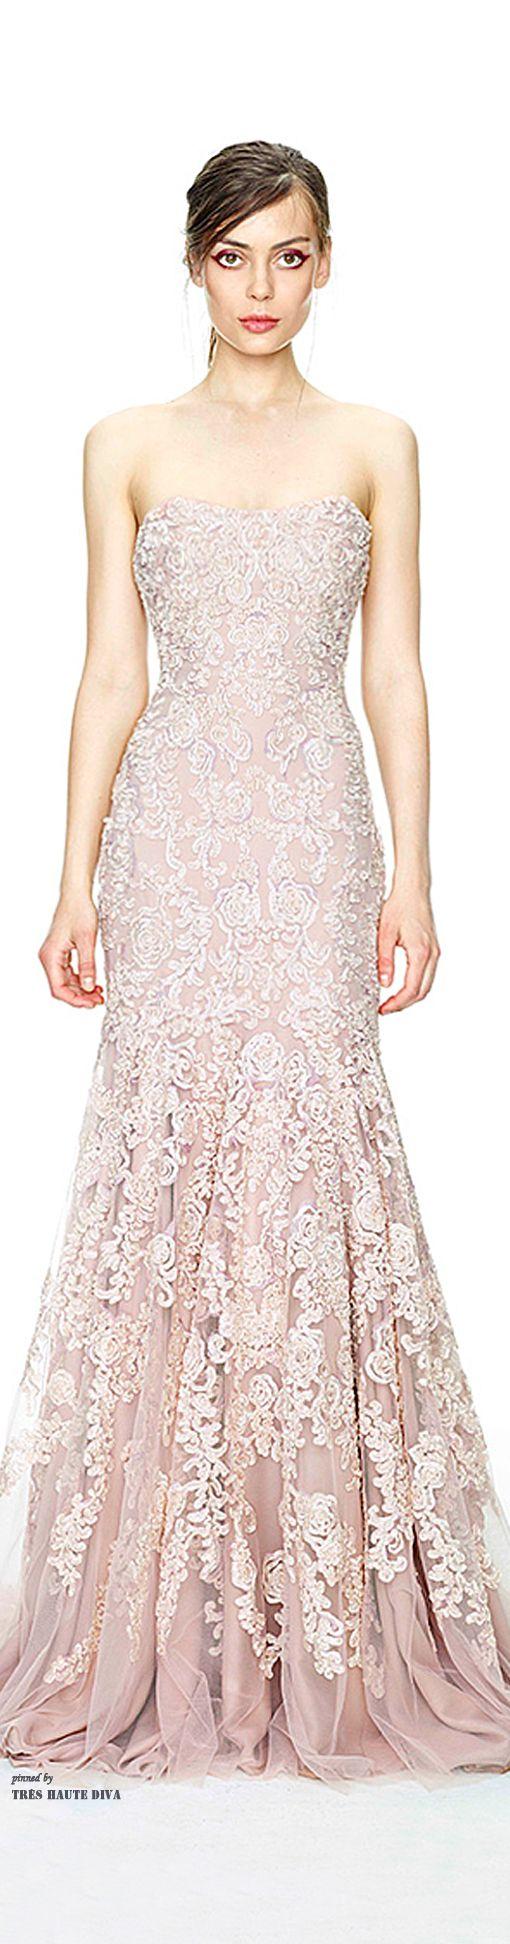 vestido festa longo rosa